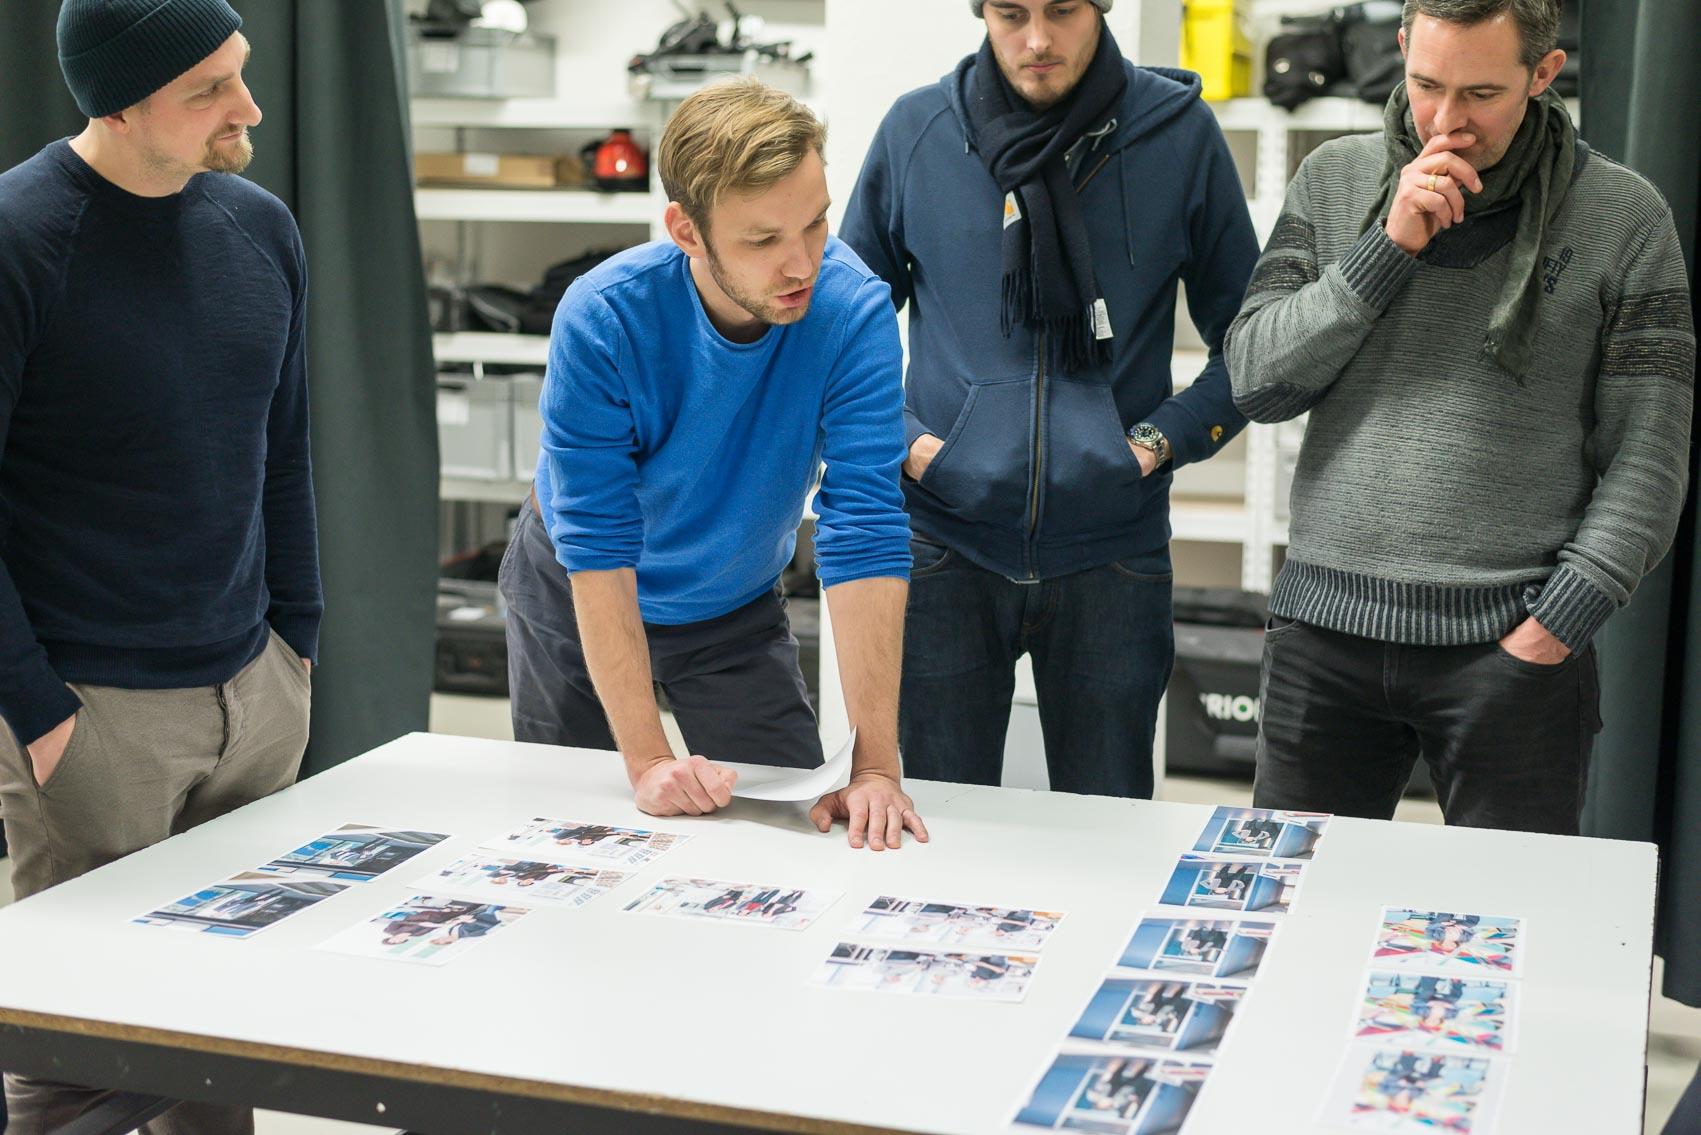 Gemeinsam mit anderen Fotografen führen wir in unserem Studio regelmäßig Bildbesprechungen zum Austausch und zur Bewertung unserer Bilder durch.